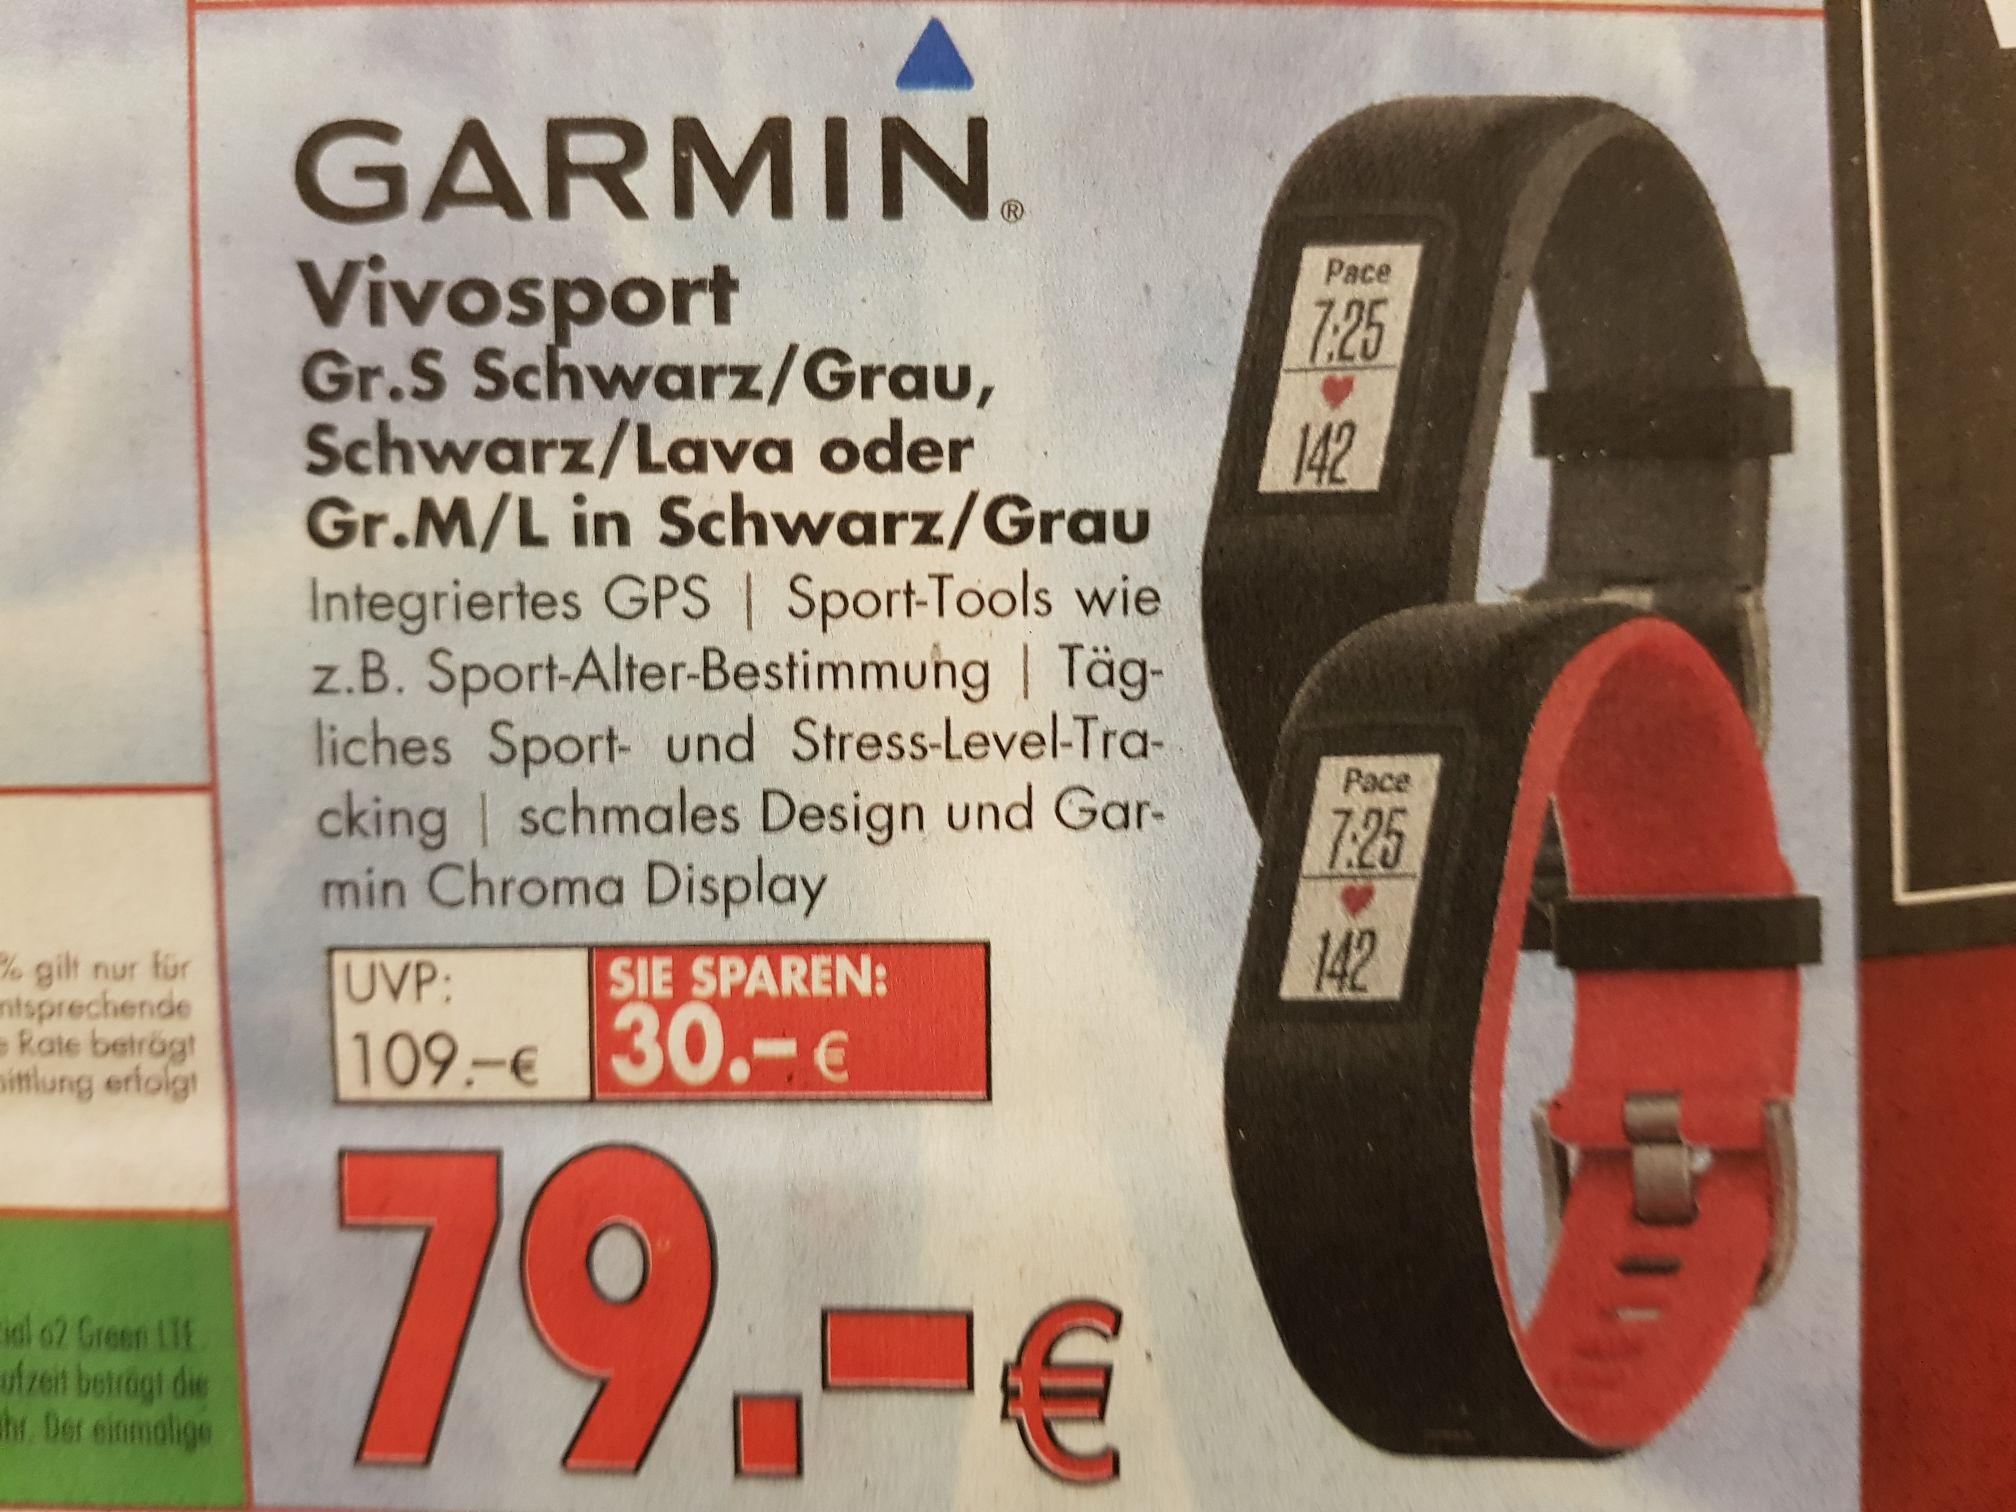 Hirsch & Ille Ludwigshafen, Garmin Vivosport für 79 €